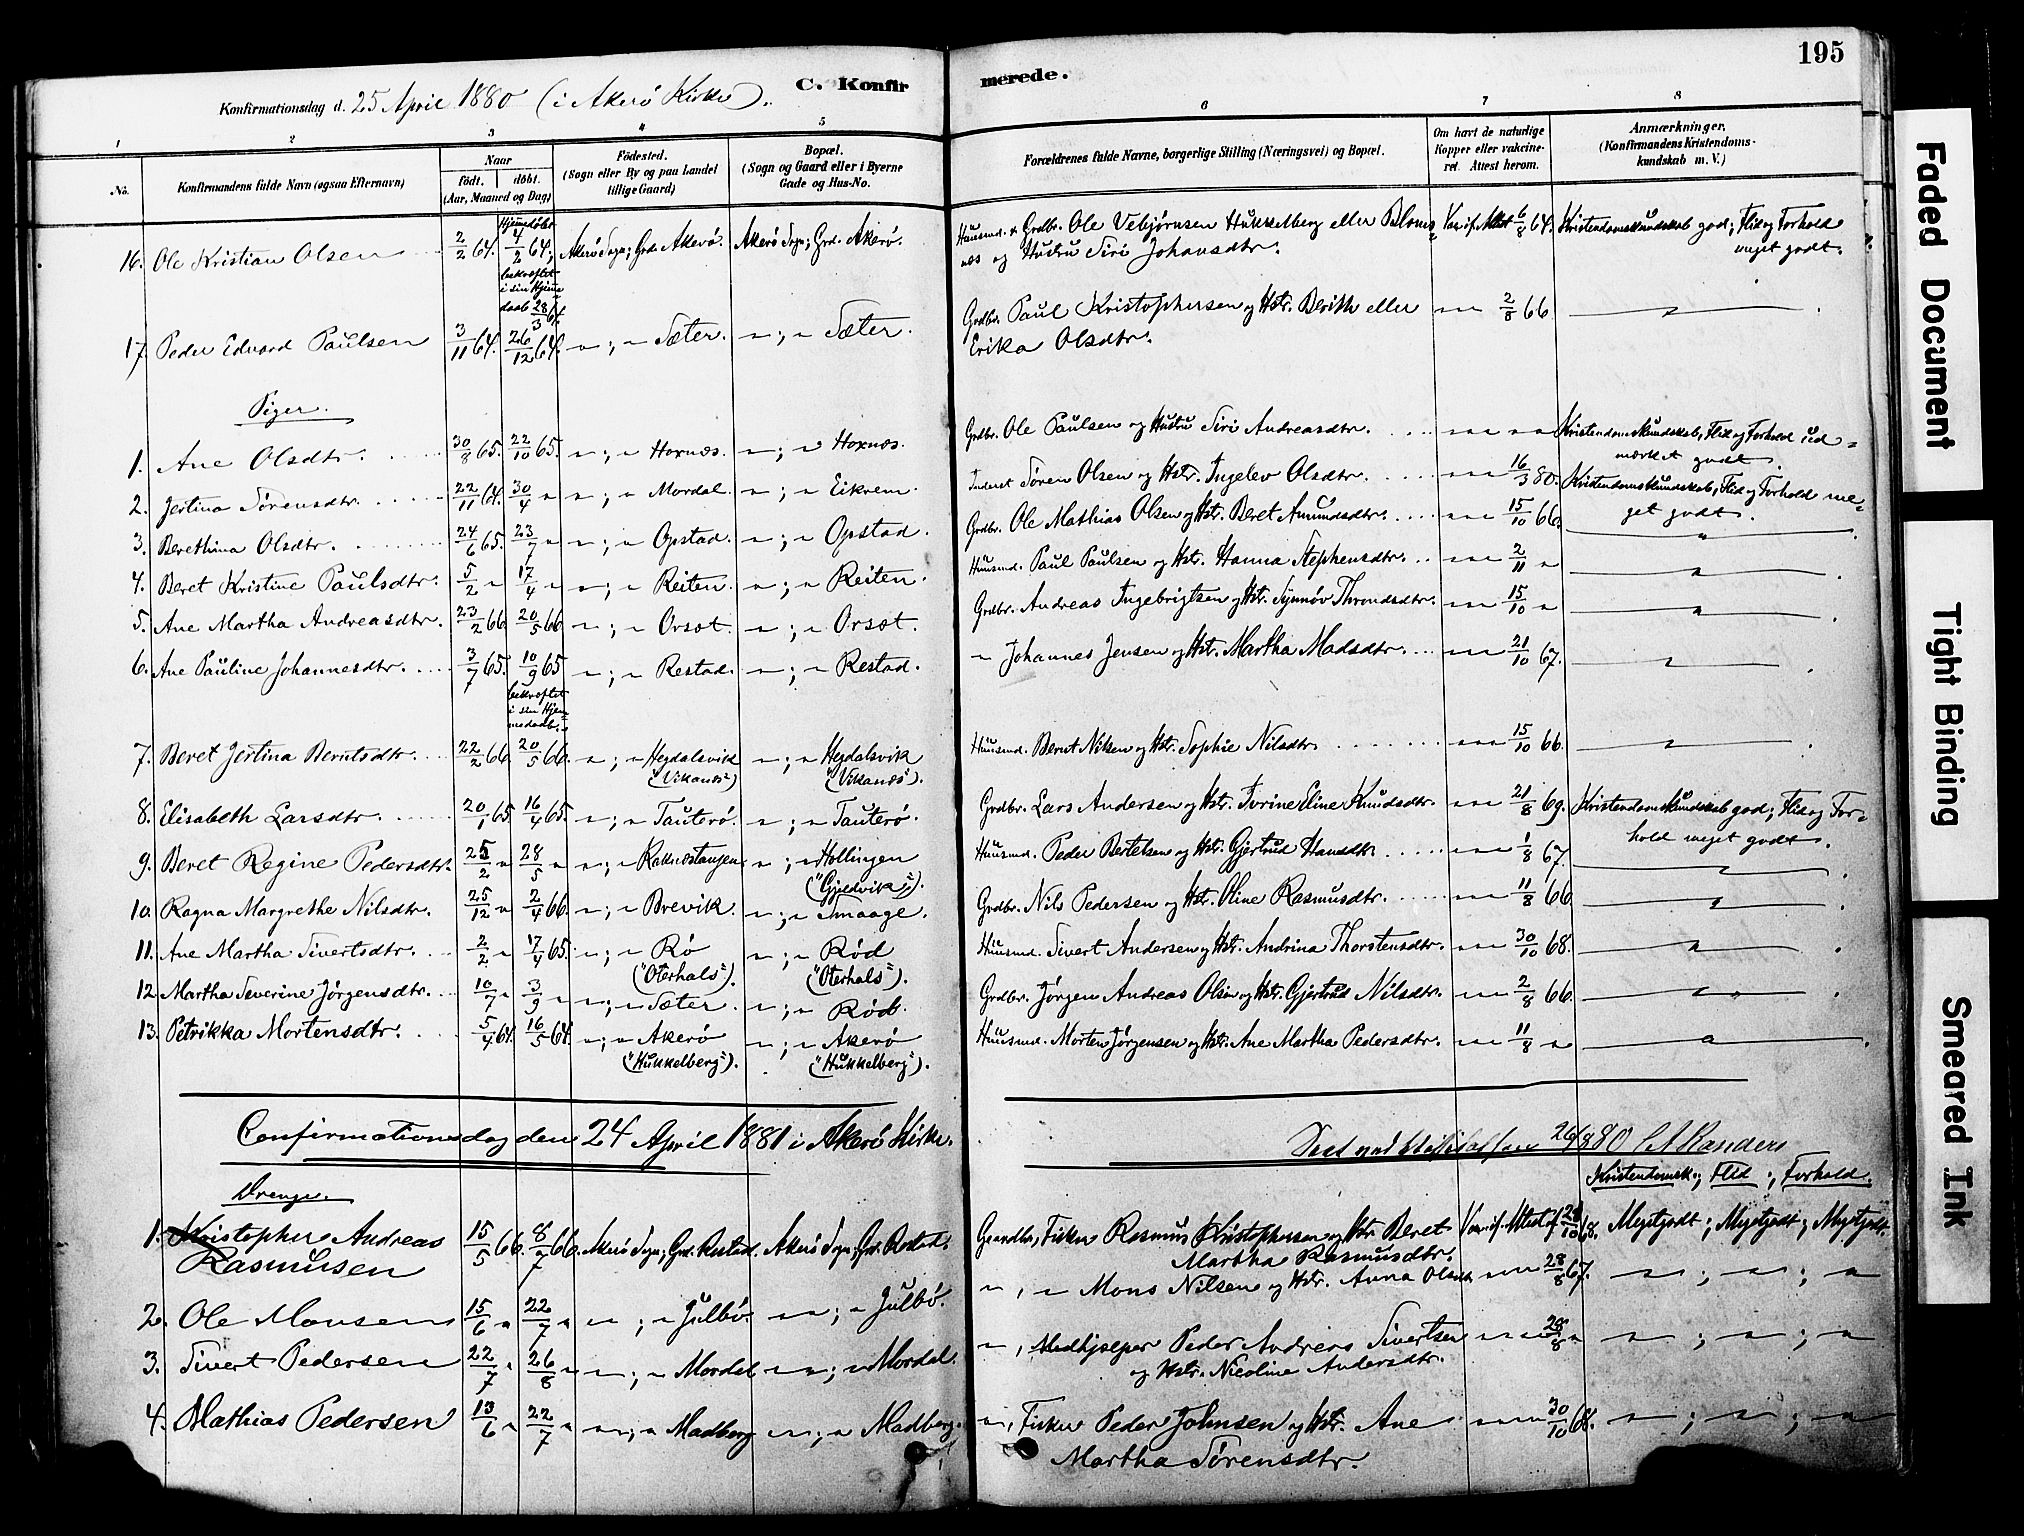 SAT, Ministerialprotokoller, klokkerbøker og fødselsregistre - Møre og Romsdal, 560/L0721: Ministerialbok nr. 560A05, 1878-1917, s. 195